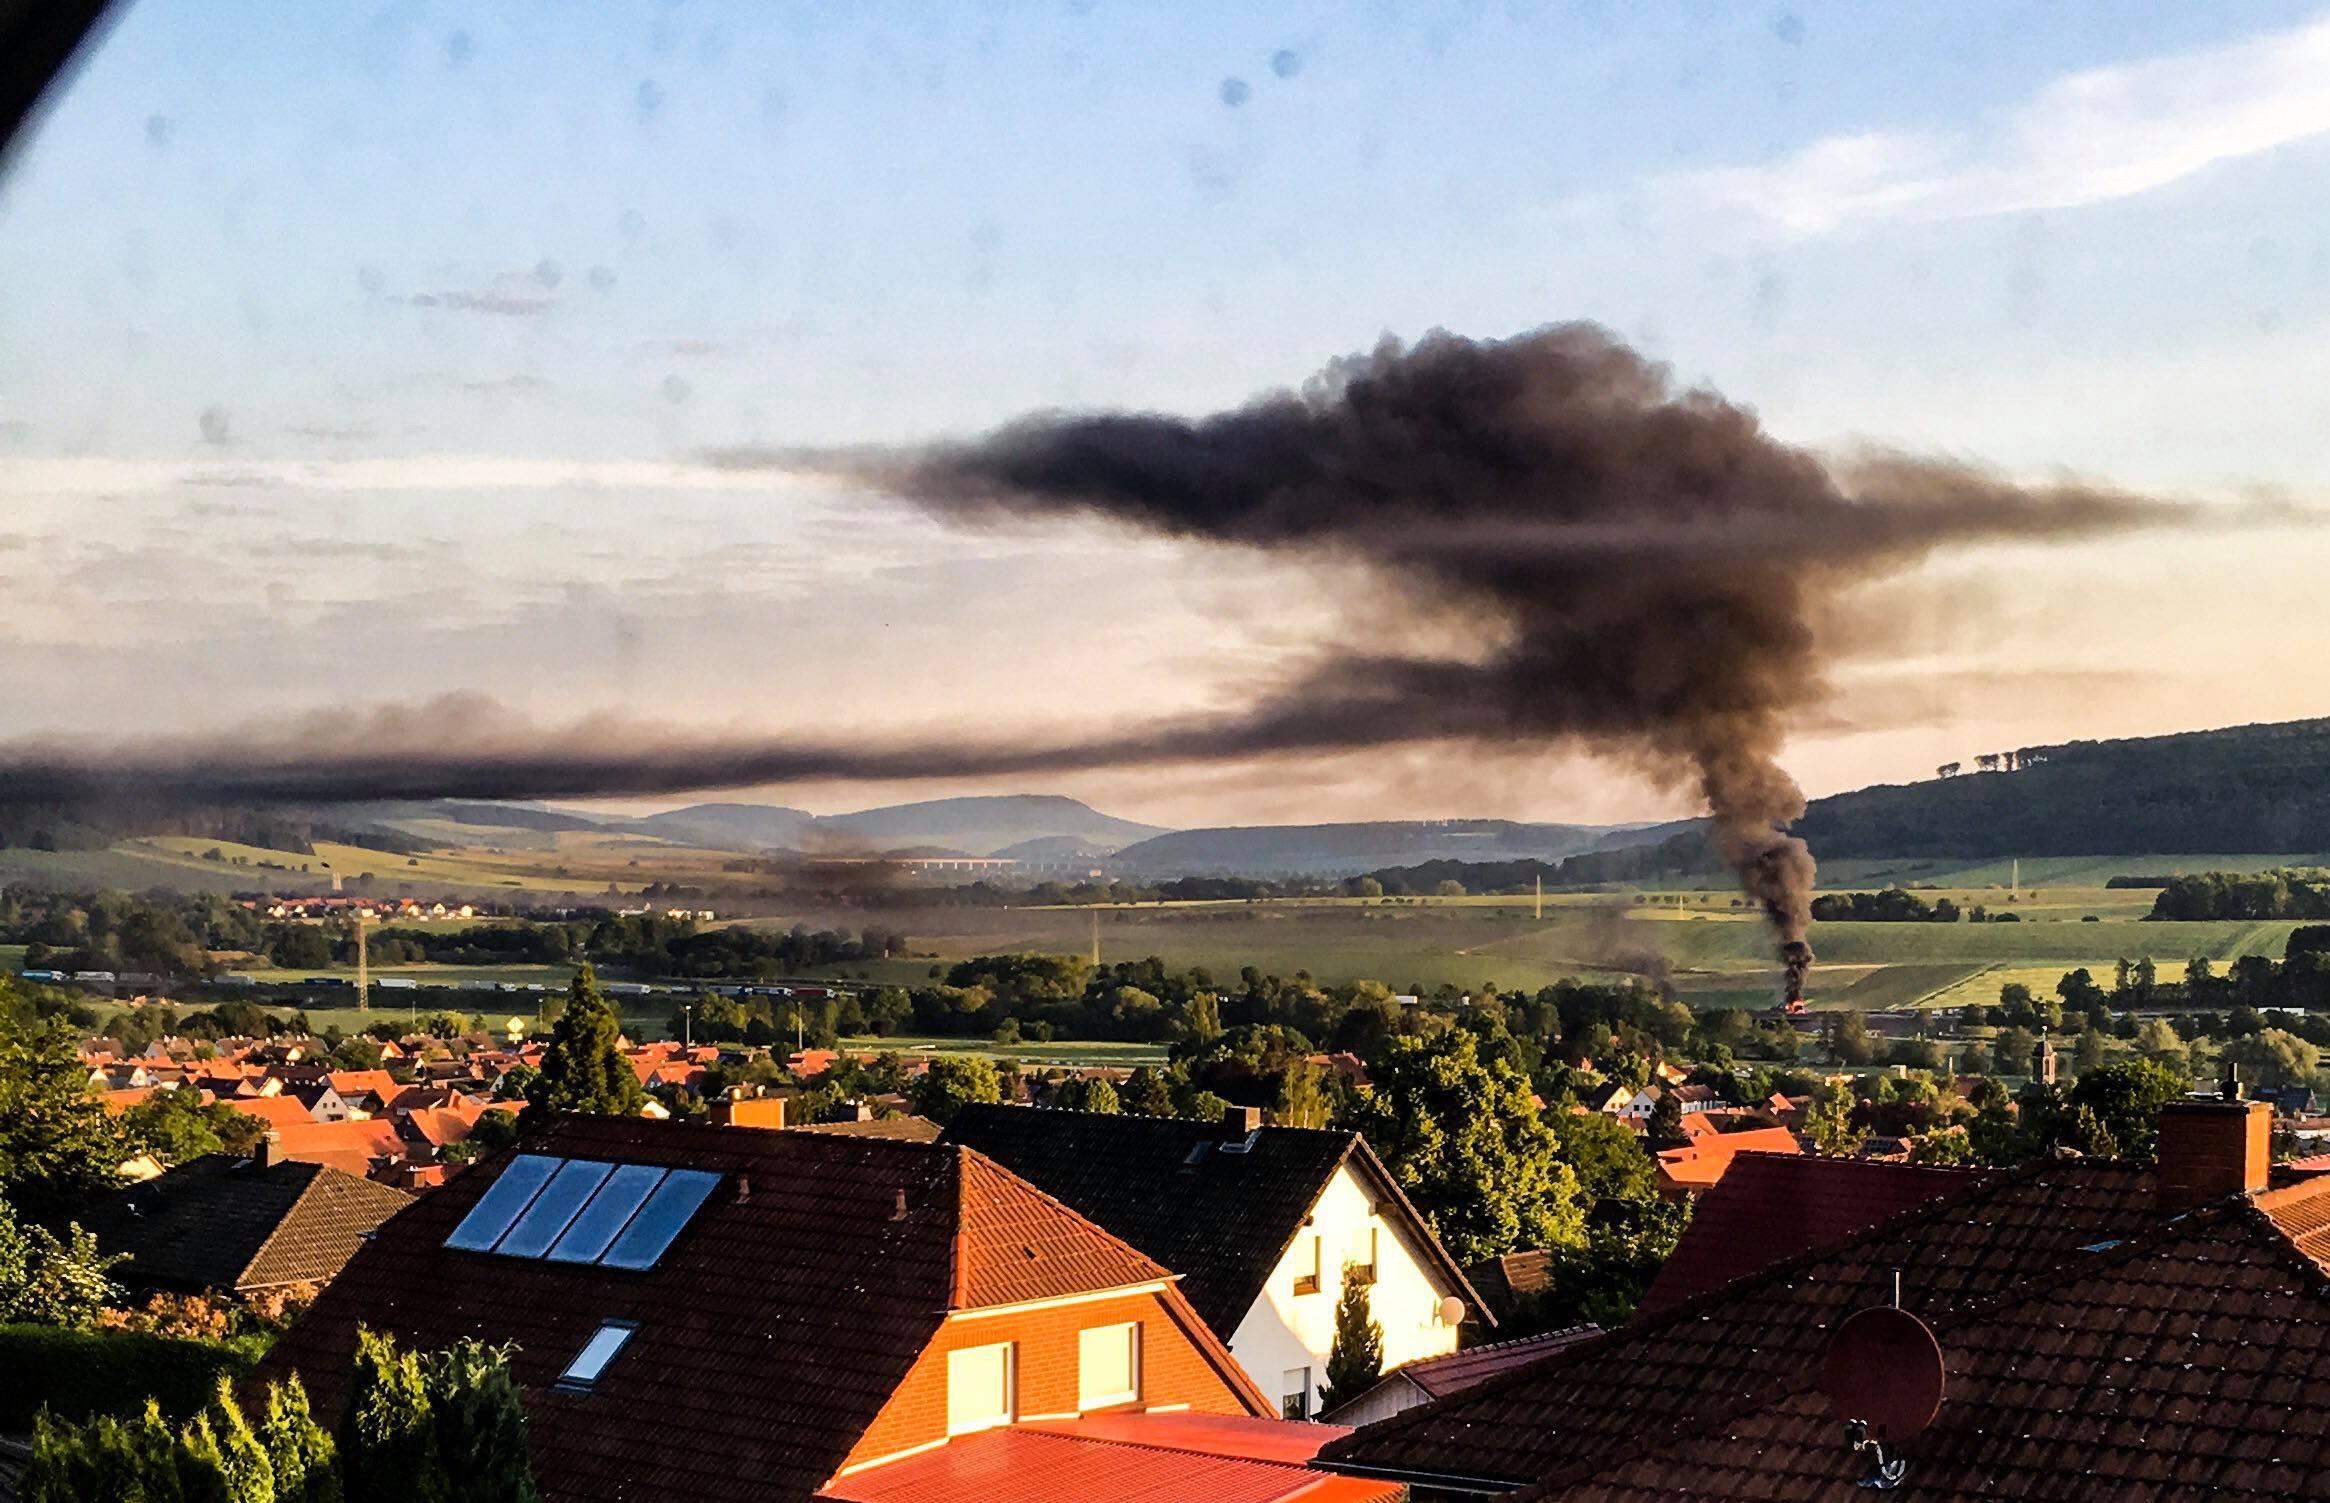 Dichte Rauchsäule über A7: LKW geht bei Echte in Flammen auf